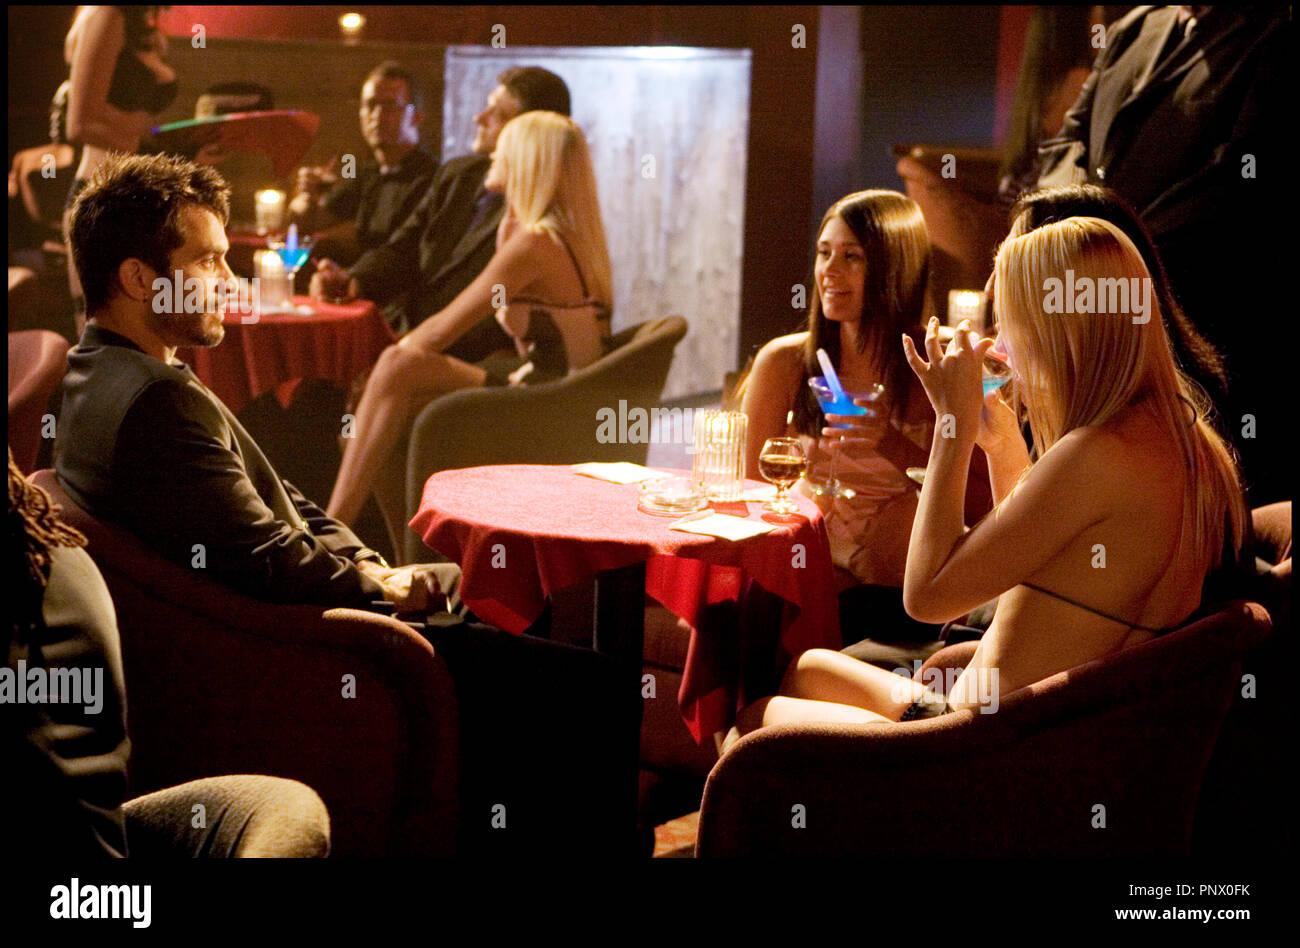 Prod DB © Tomorrow Film Corporation / DR ROAD HOUSE 2 (ROAD HOUSE 2 : LAST CALL) de Scott Ziehl 2006 USA avec Johnathon Schaech  sequelle, suite, bar, séduire, séduction, prendre un verre, cocktail, bimbo - Stock Image